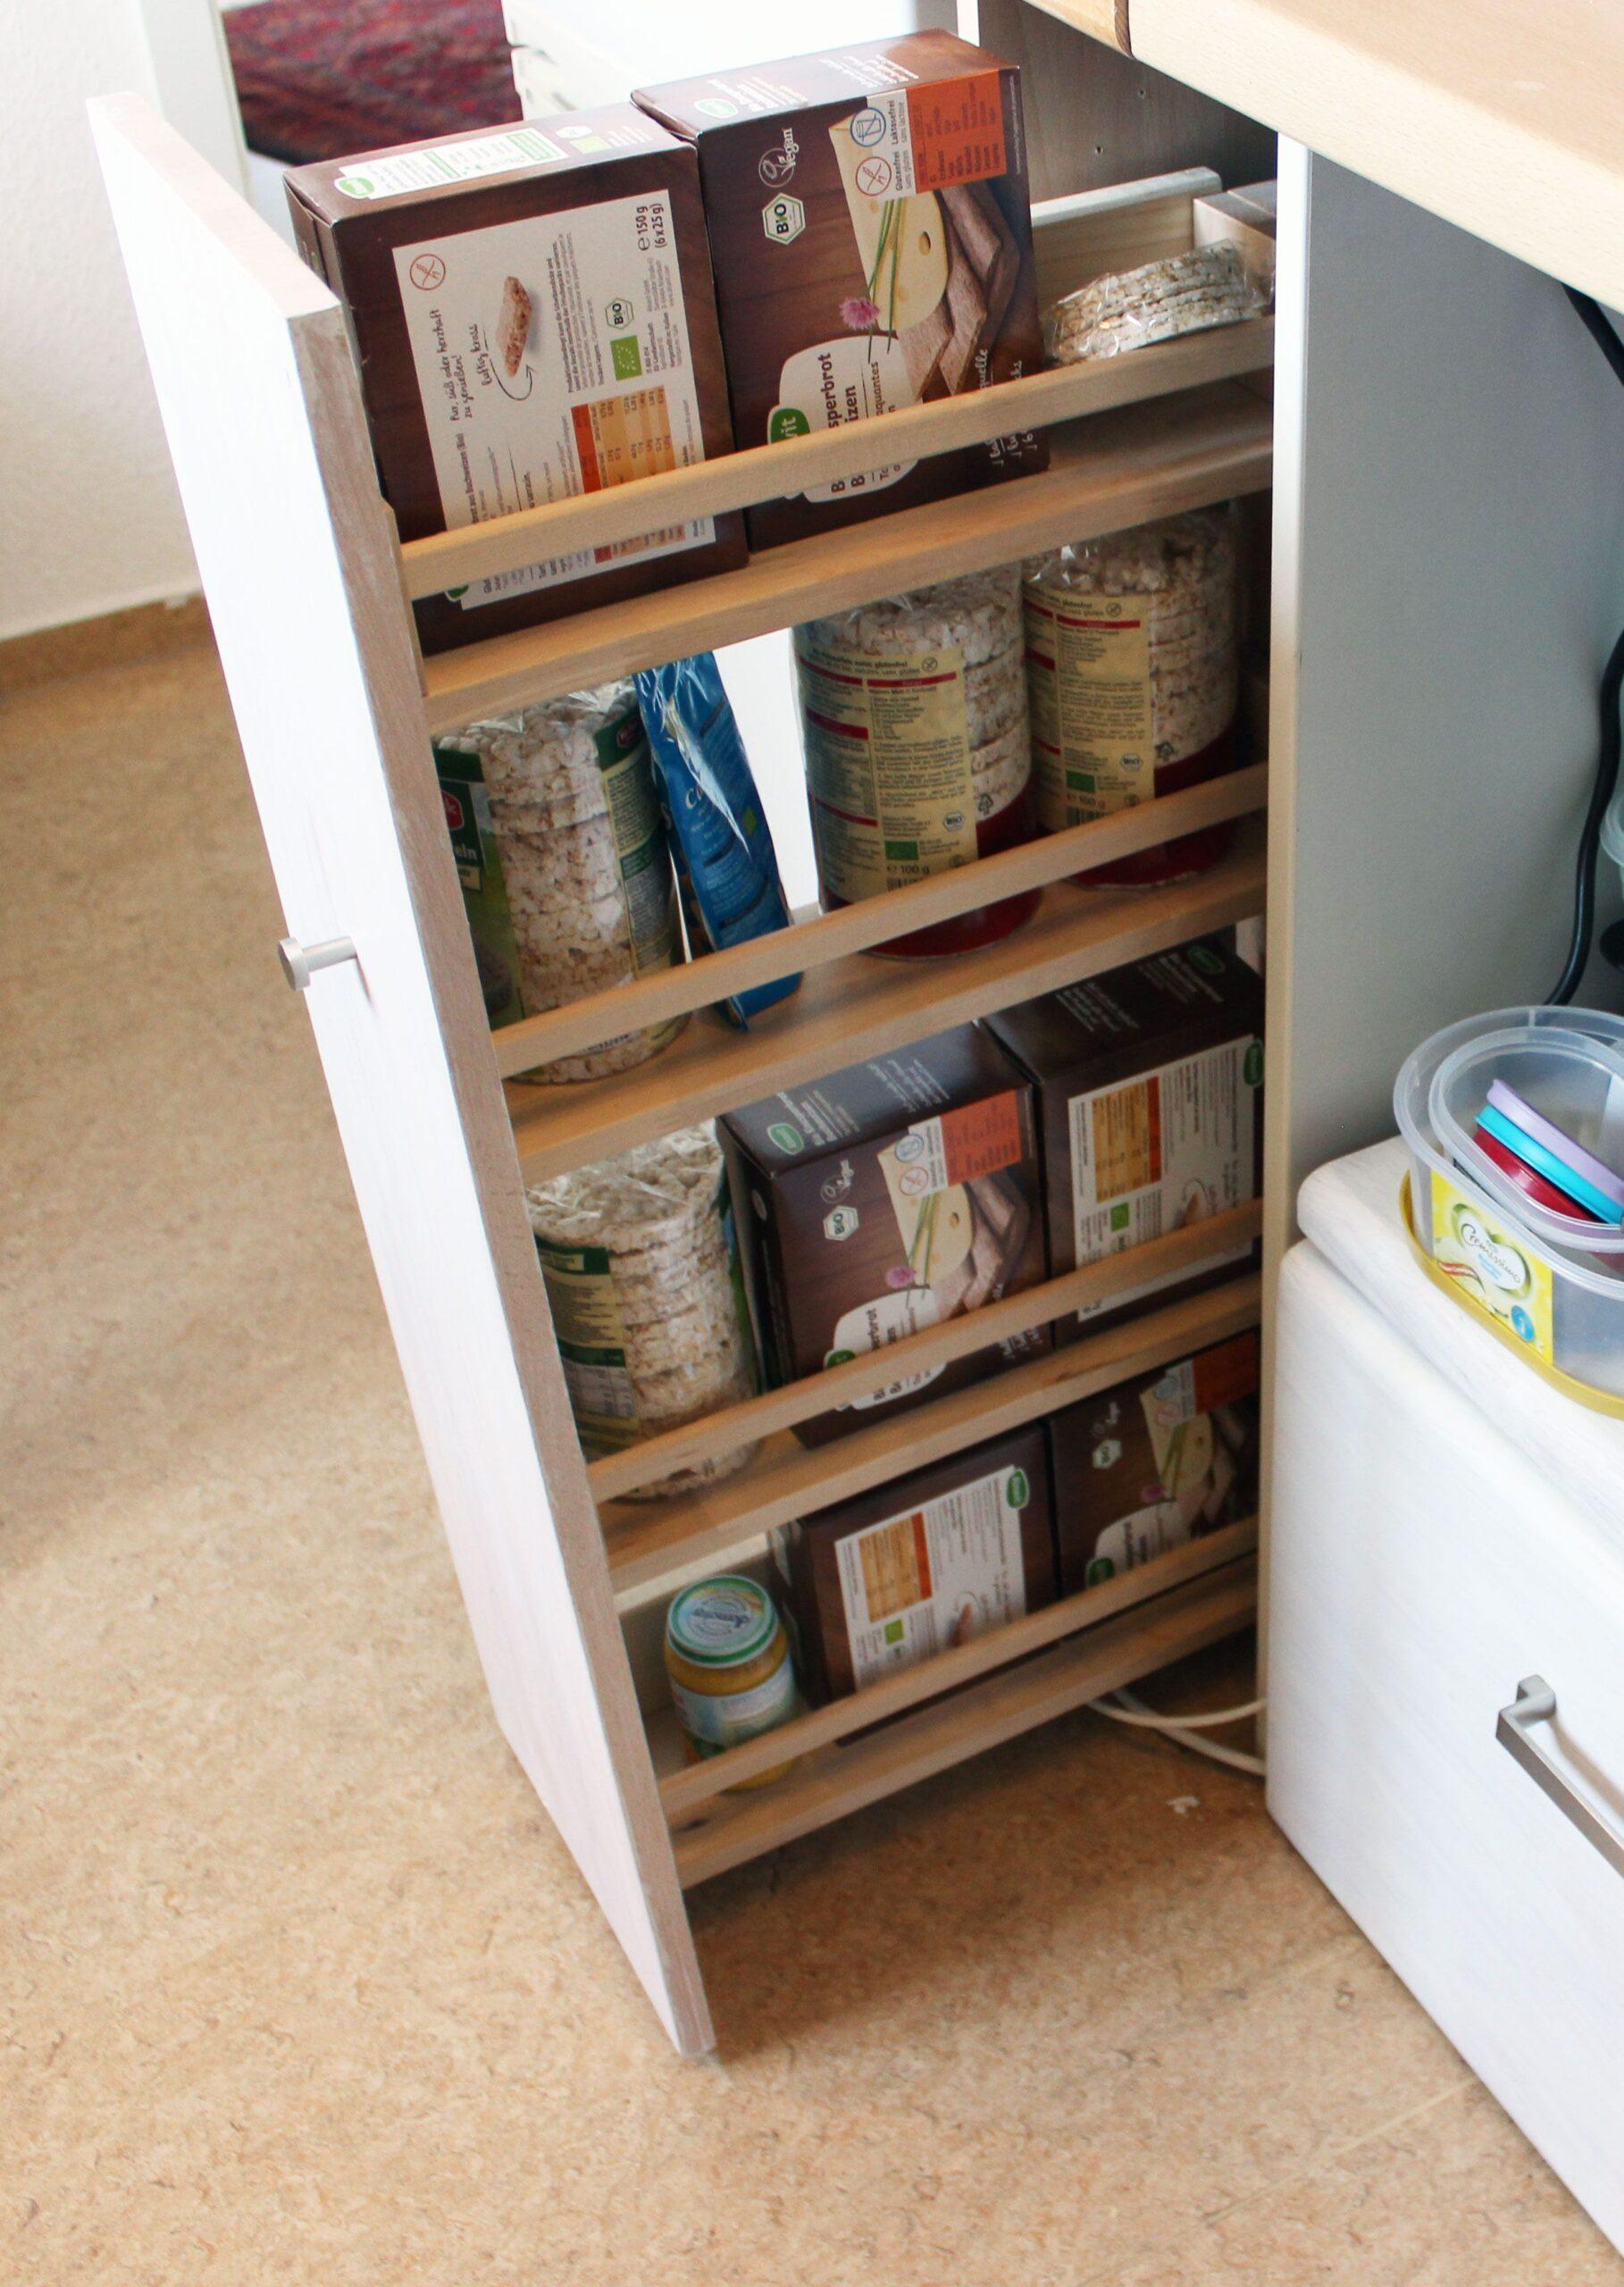 Full Size of Küche Selber Bauen Ikea Nischenregal Weiß Hochglanz Gebrauchte Einbauküche Oberschrank Mintgrün Bett 140x200 Landküche Nolte Mini Lampen Buche Winkel Wohnzimmer Küche Selber Bauen Ikea